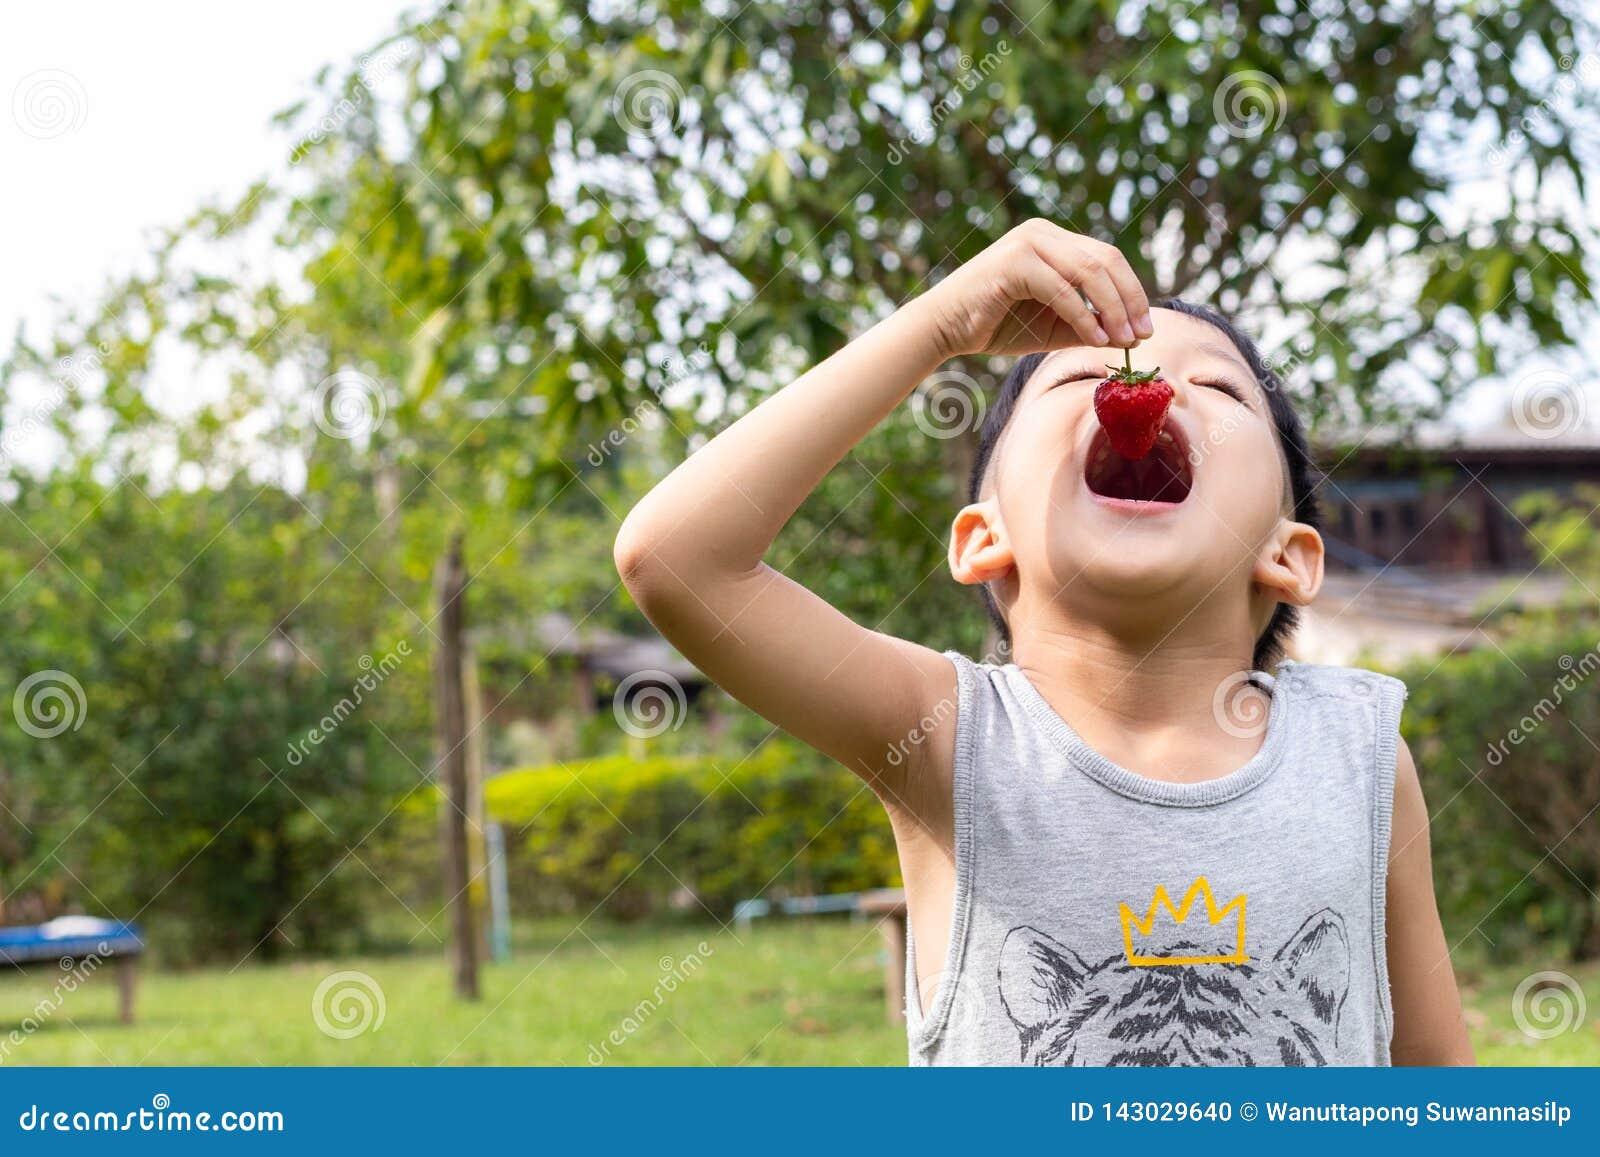 Crianças que comem morangos